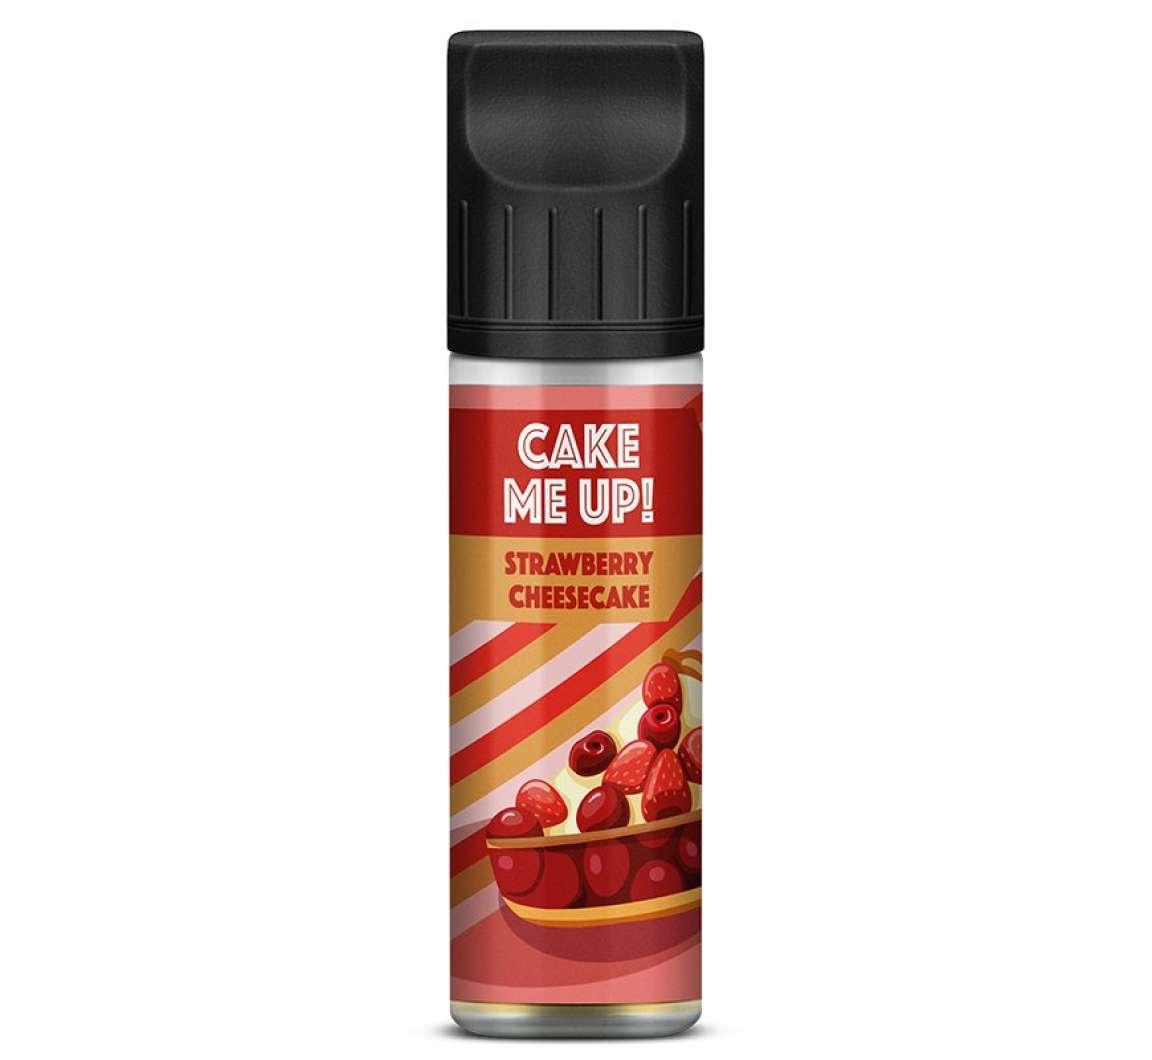 Cake Me Up - Strawberry Cheesecake 20ml